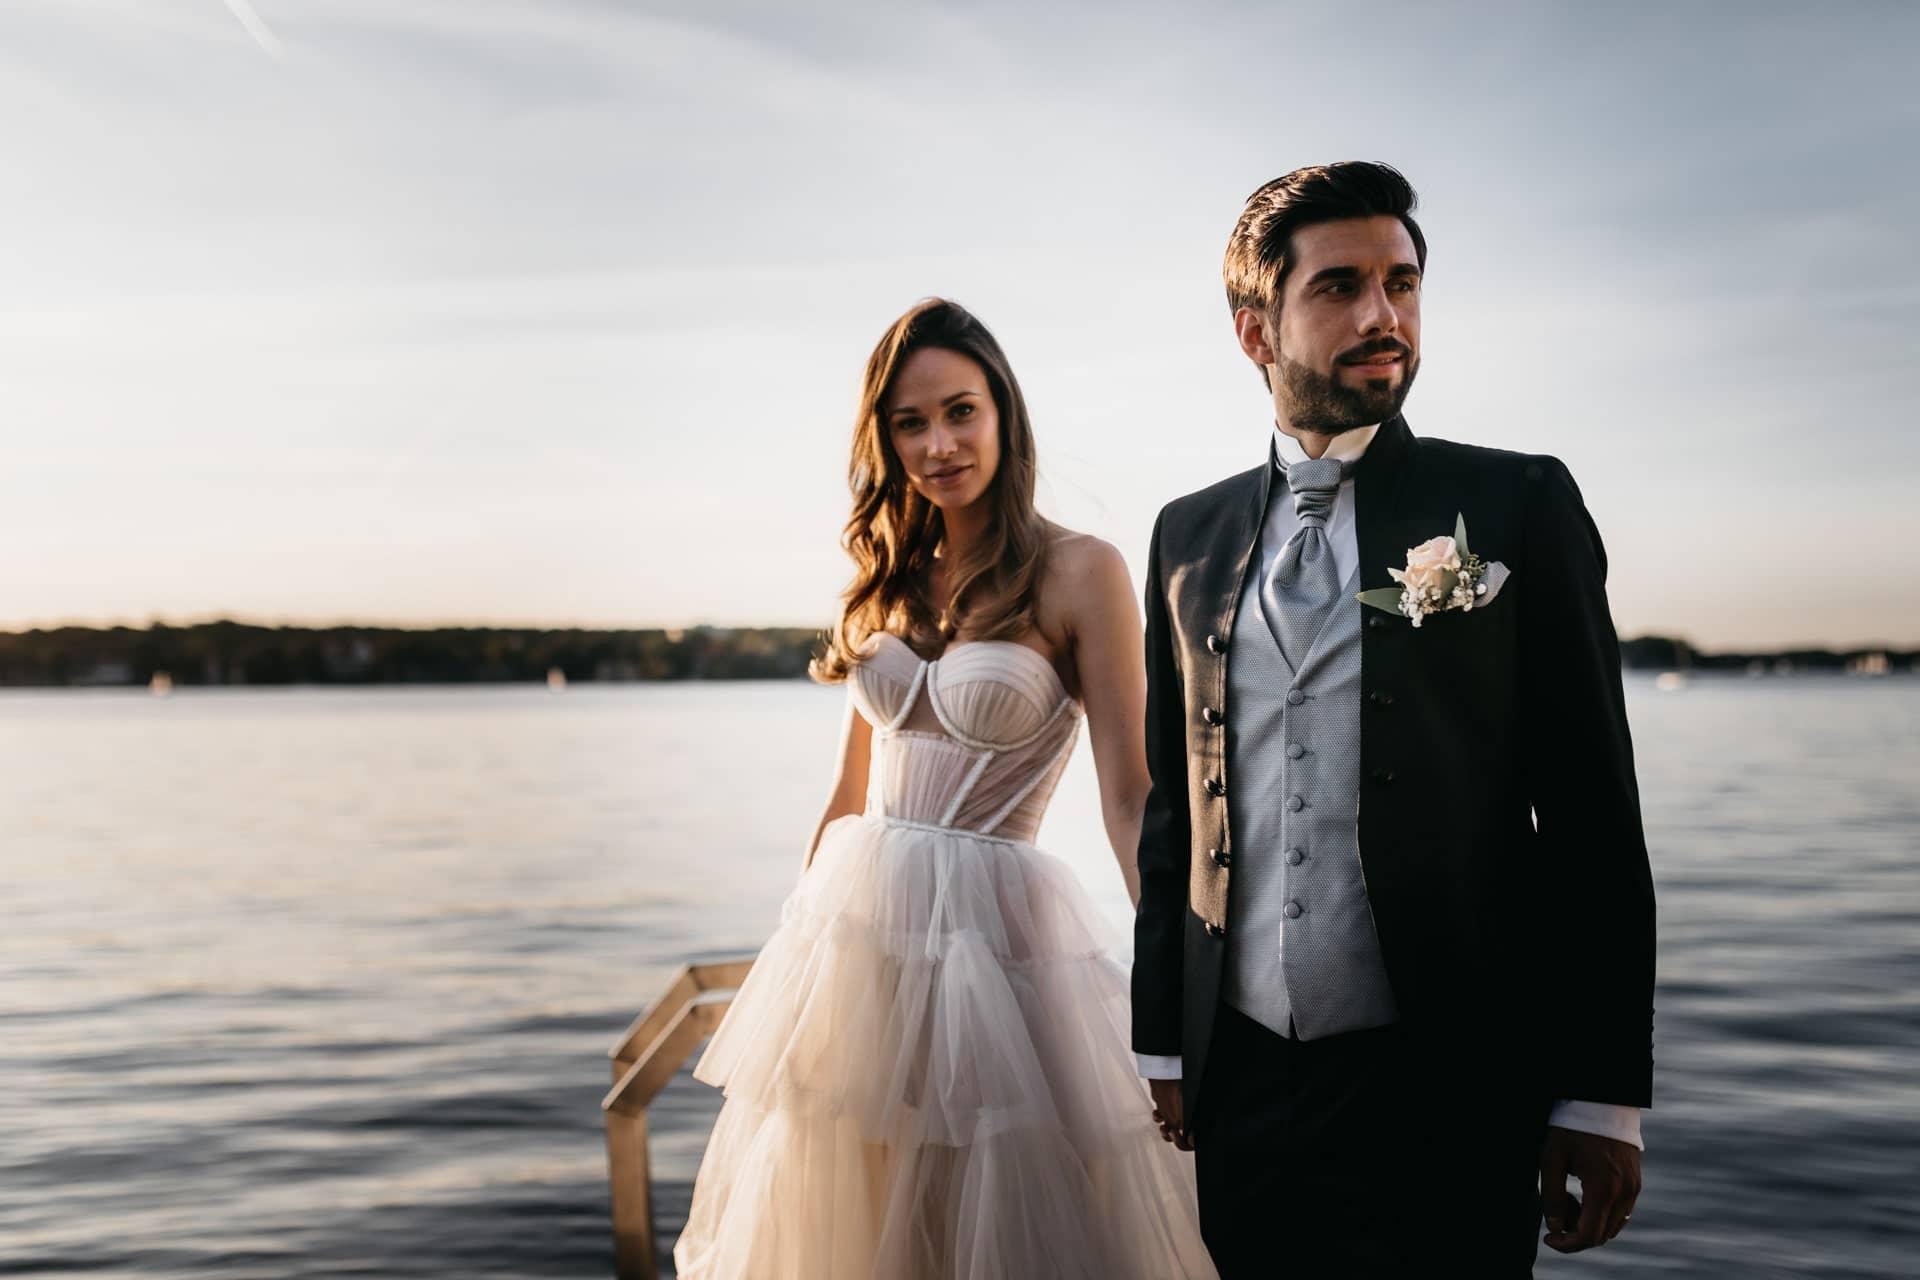 Hochzeitsfotos vom Brautpaar auf Steg am Wannsee Berlin Villa Blumenfisch Hochzeit